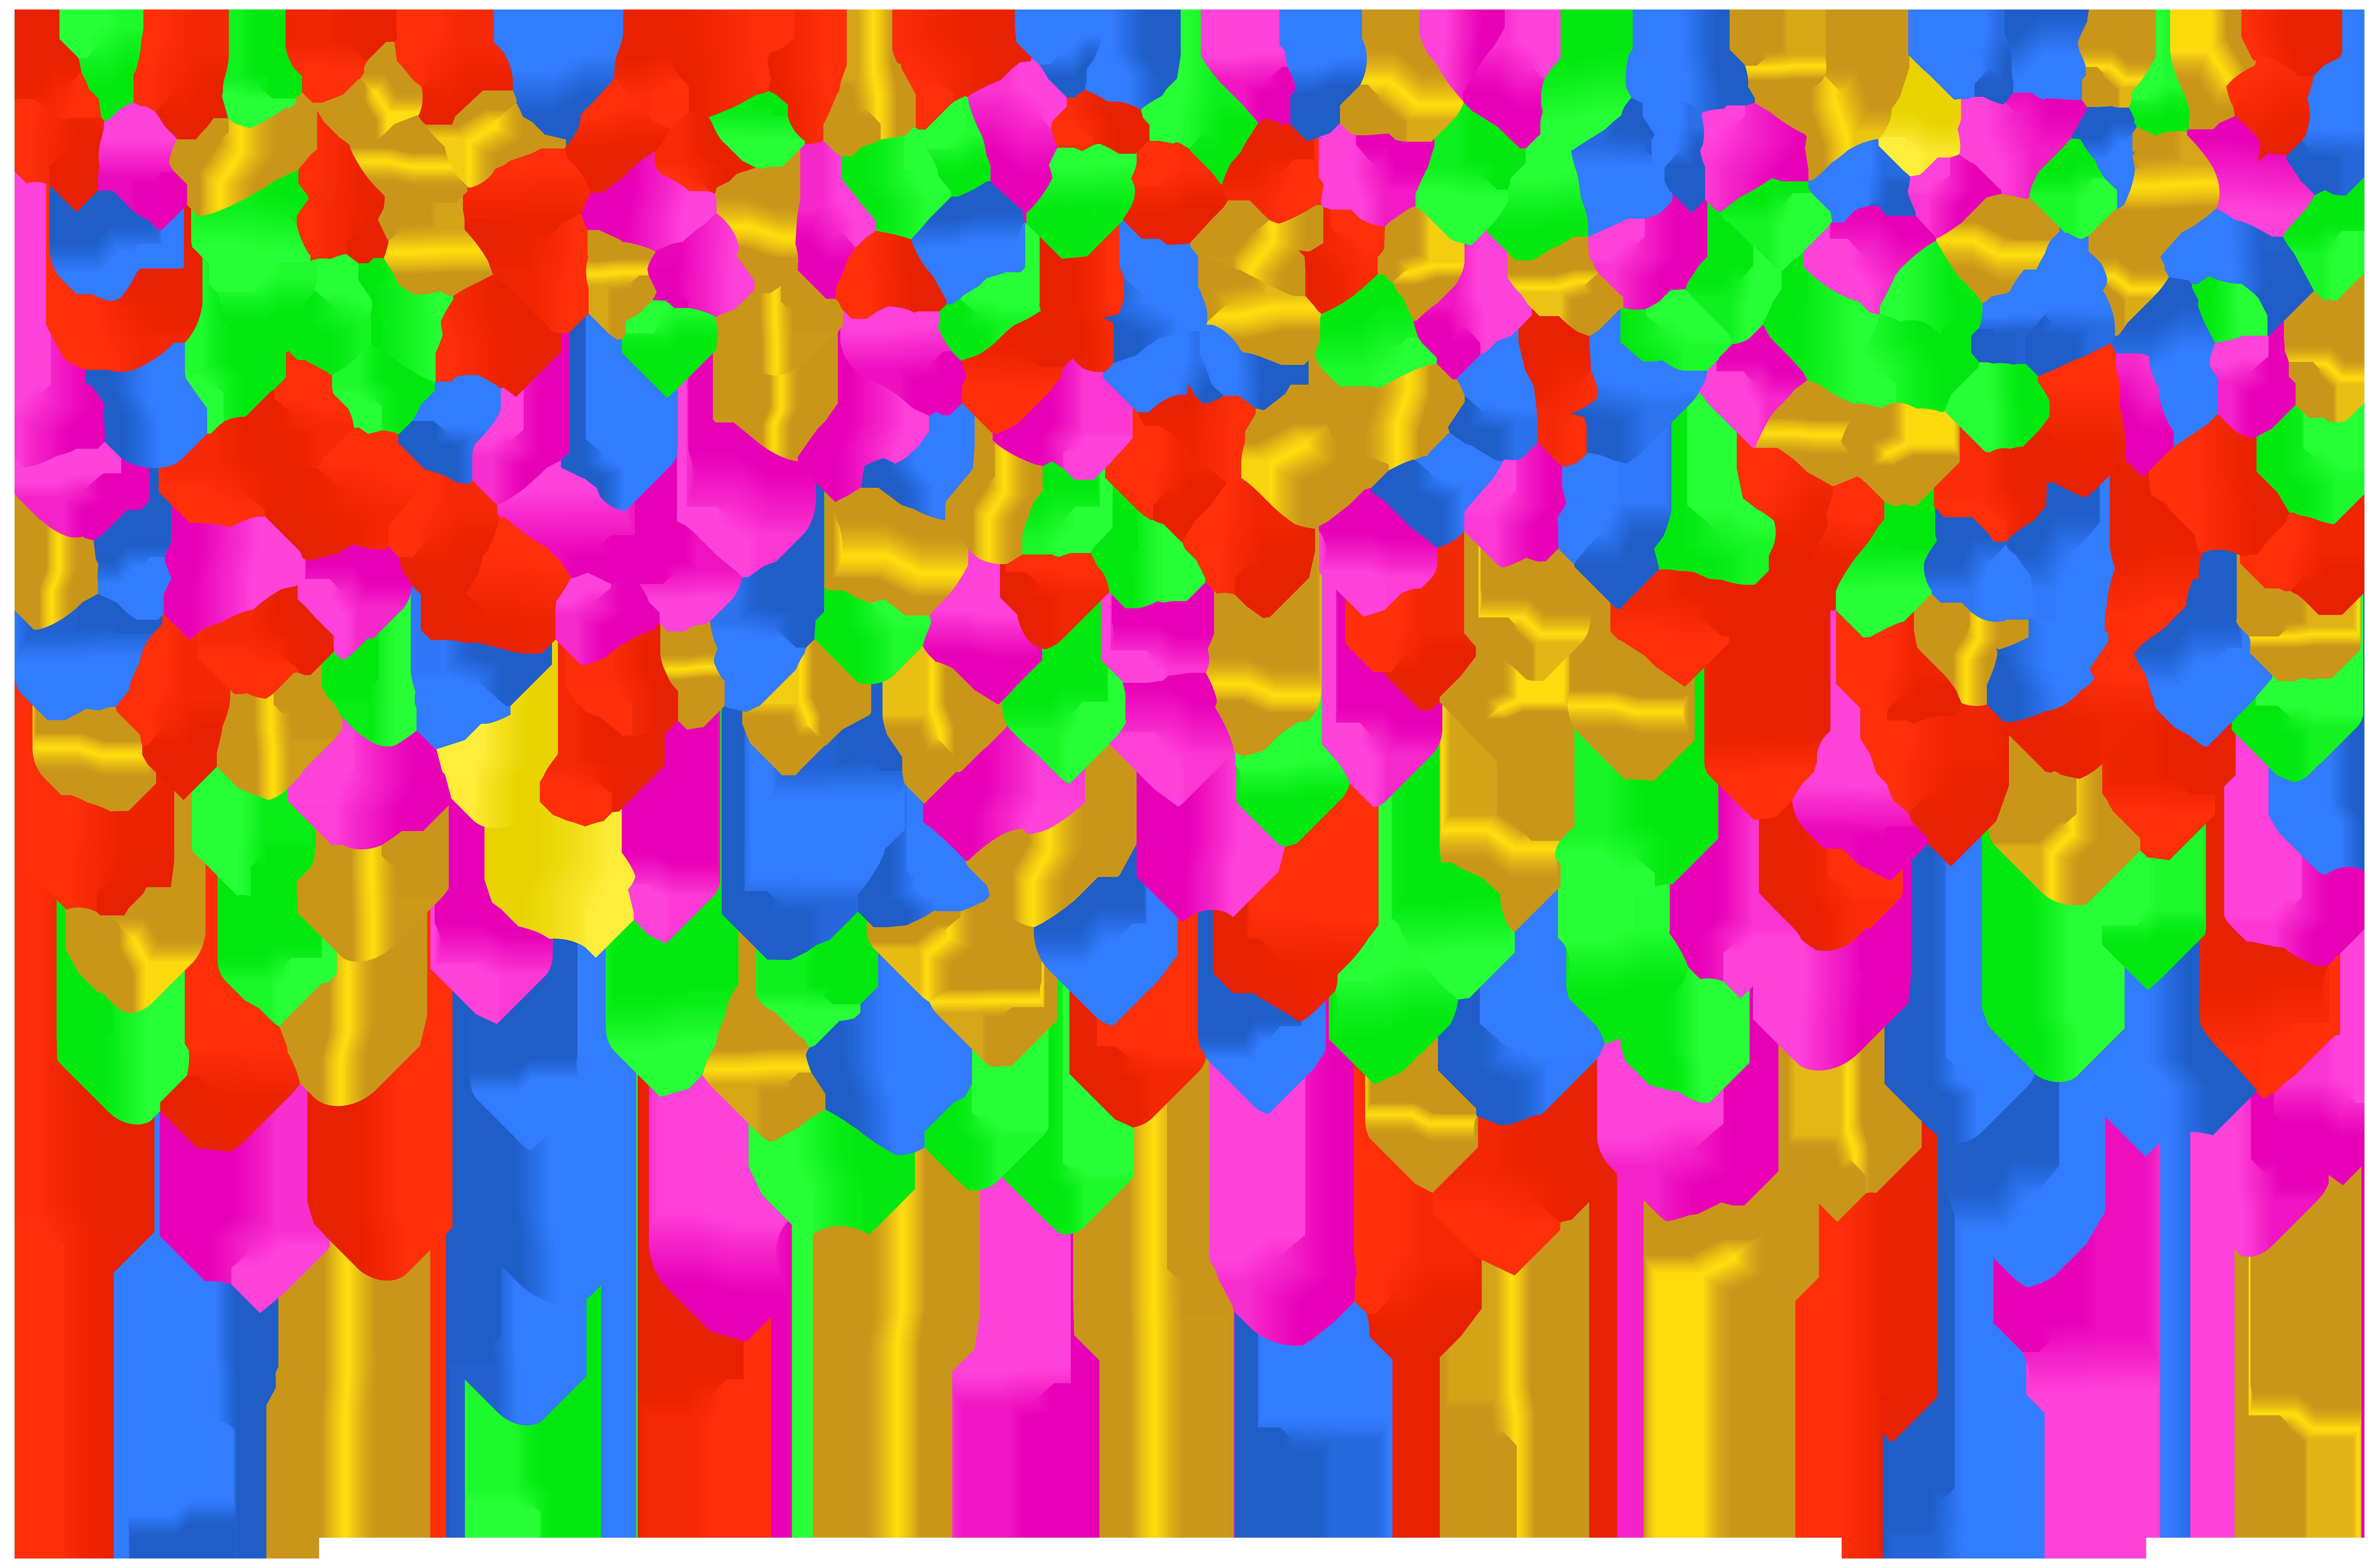 Clipart star confetti. Pin by david fuentes